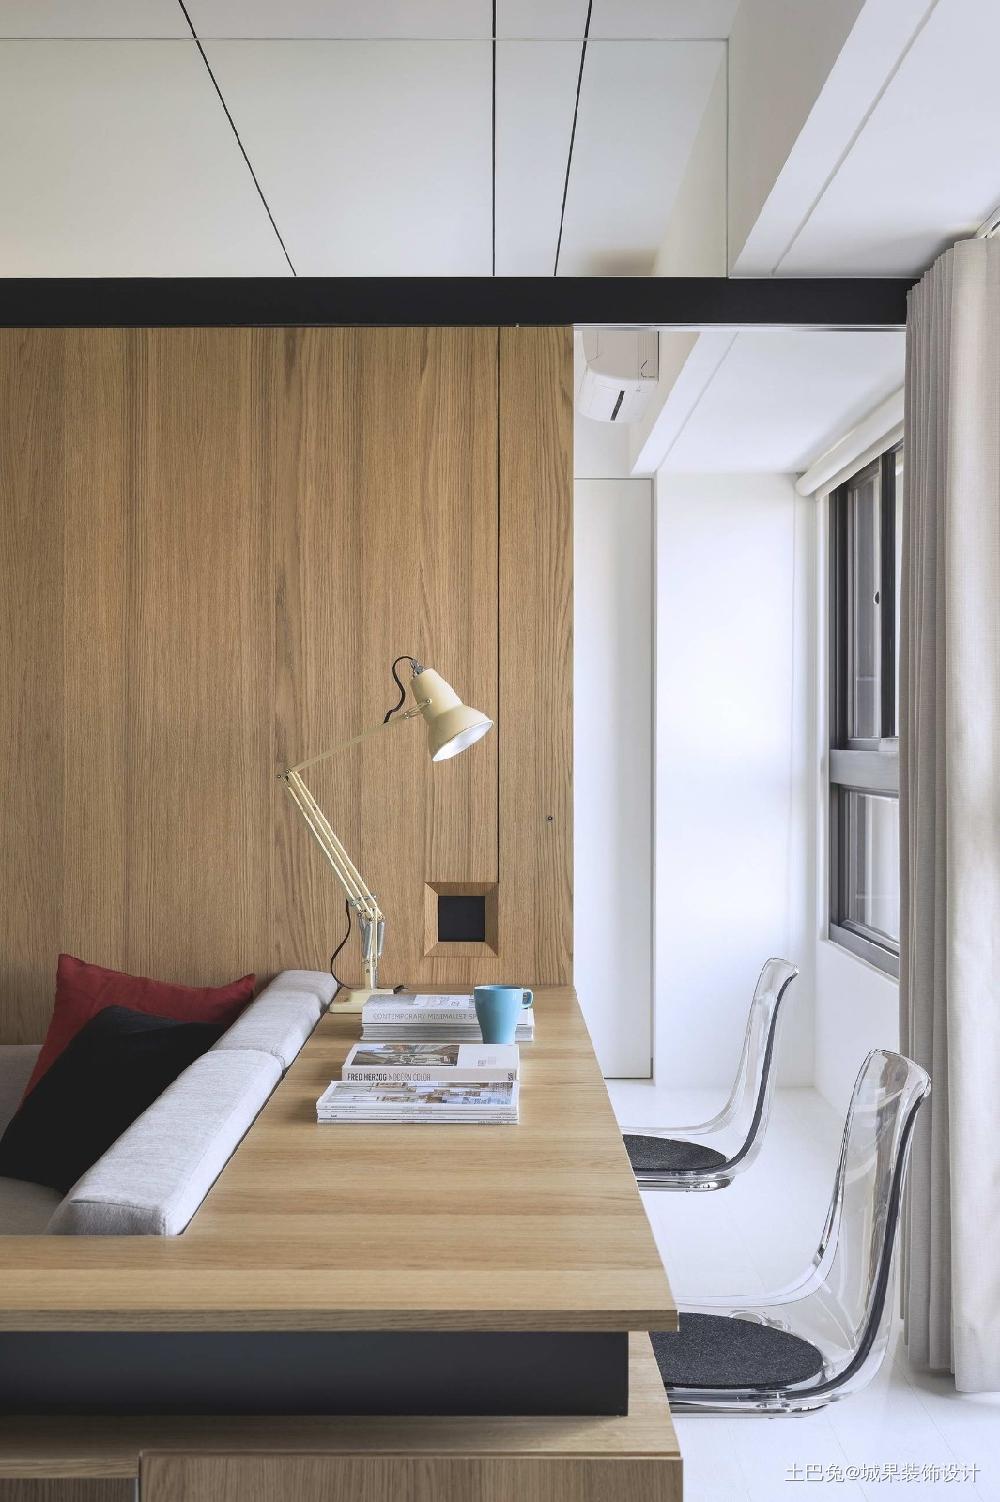 48平小坪数公寓简单的个人生活功能区现代简约功能区设计图片赏析